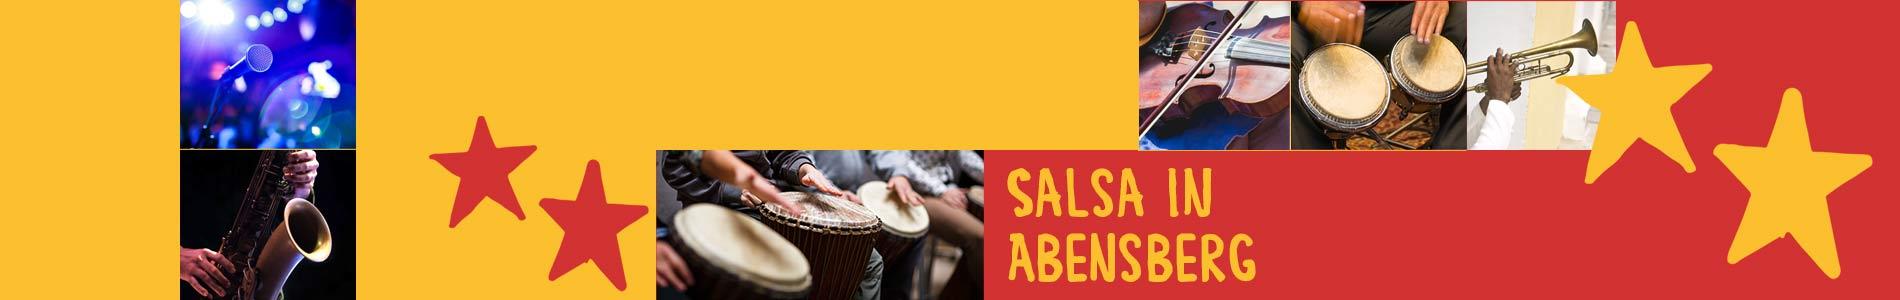 Salsa in Abensberg – Salsa lernen und tanzen, Tanzkurse, Partys, Veranstaltungen